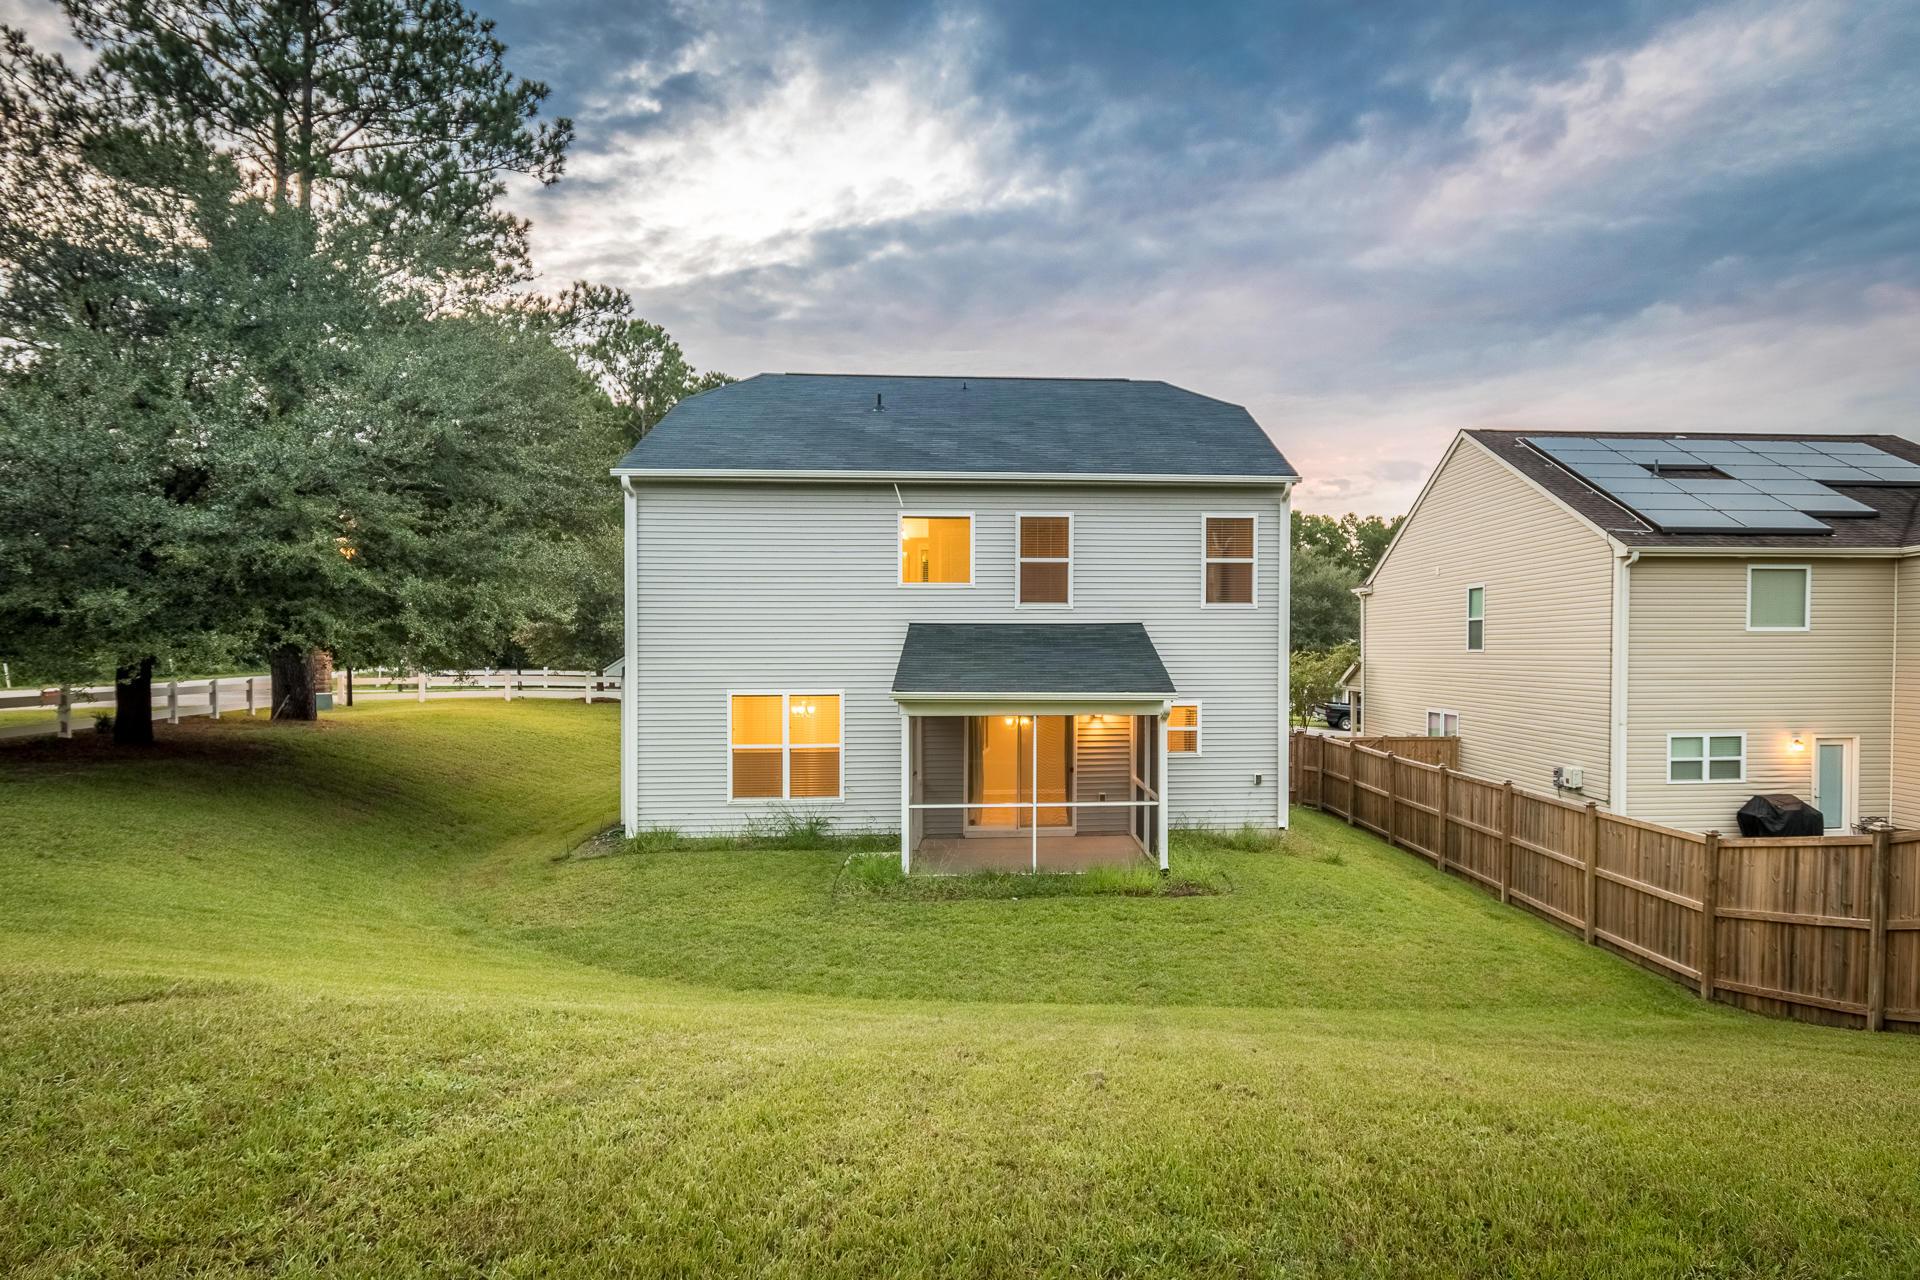 Sunnyfield Homes For Sale - 100 Medford, Summerville, SC - 0